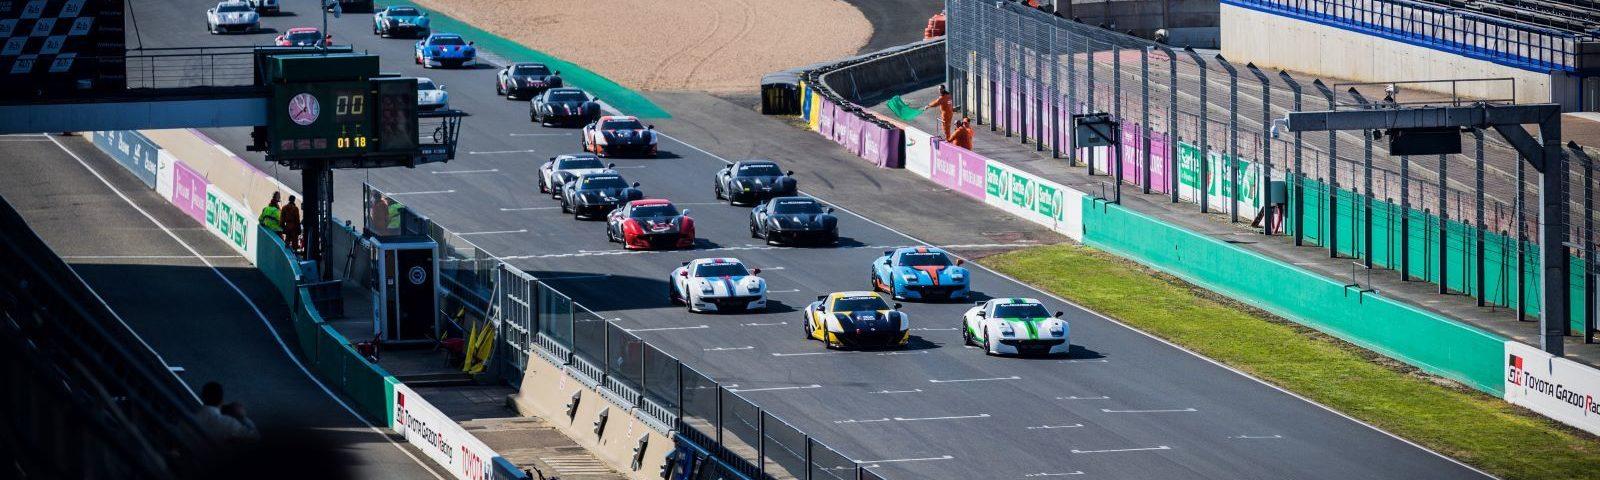 Départ course LE MANS LIGIER JS CUP 2019 - Doublé ZOSH COMPETITION sur le podium de la course